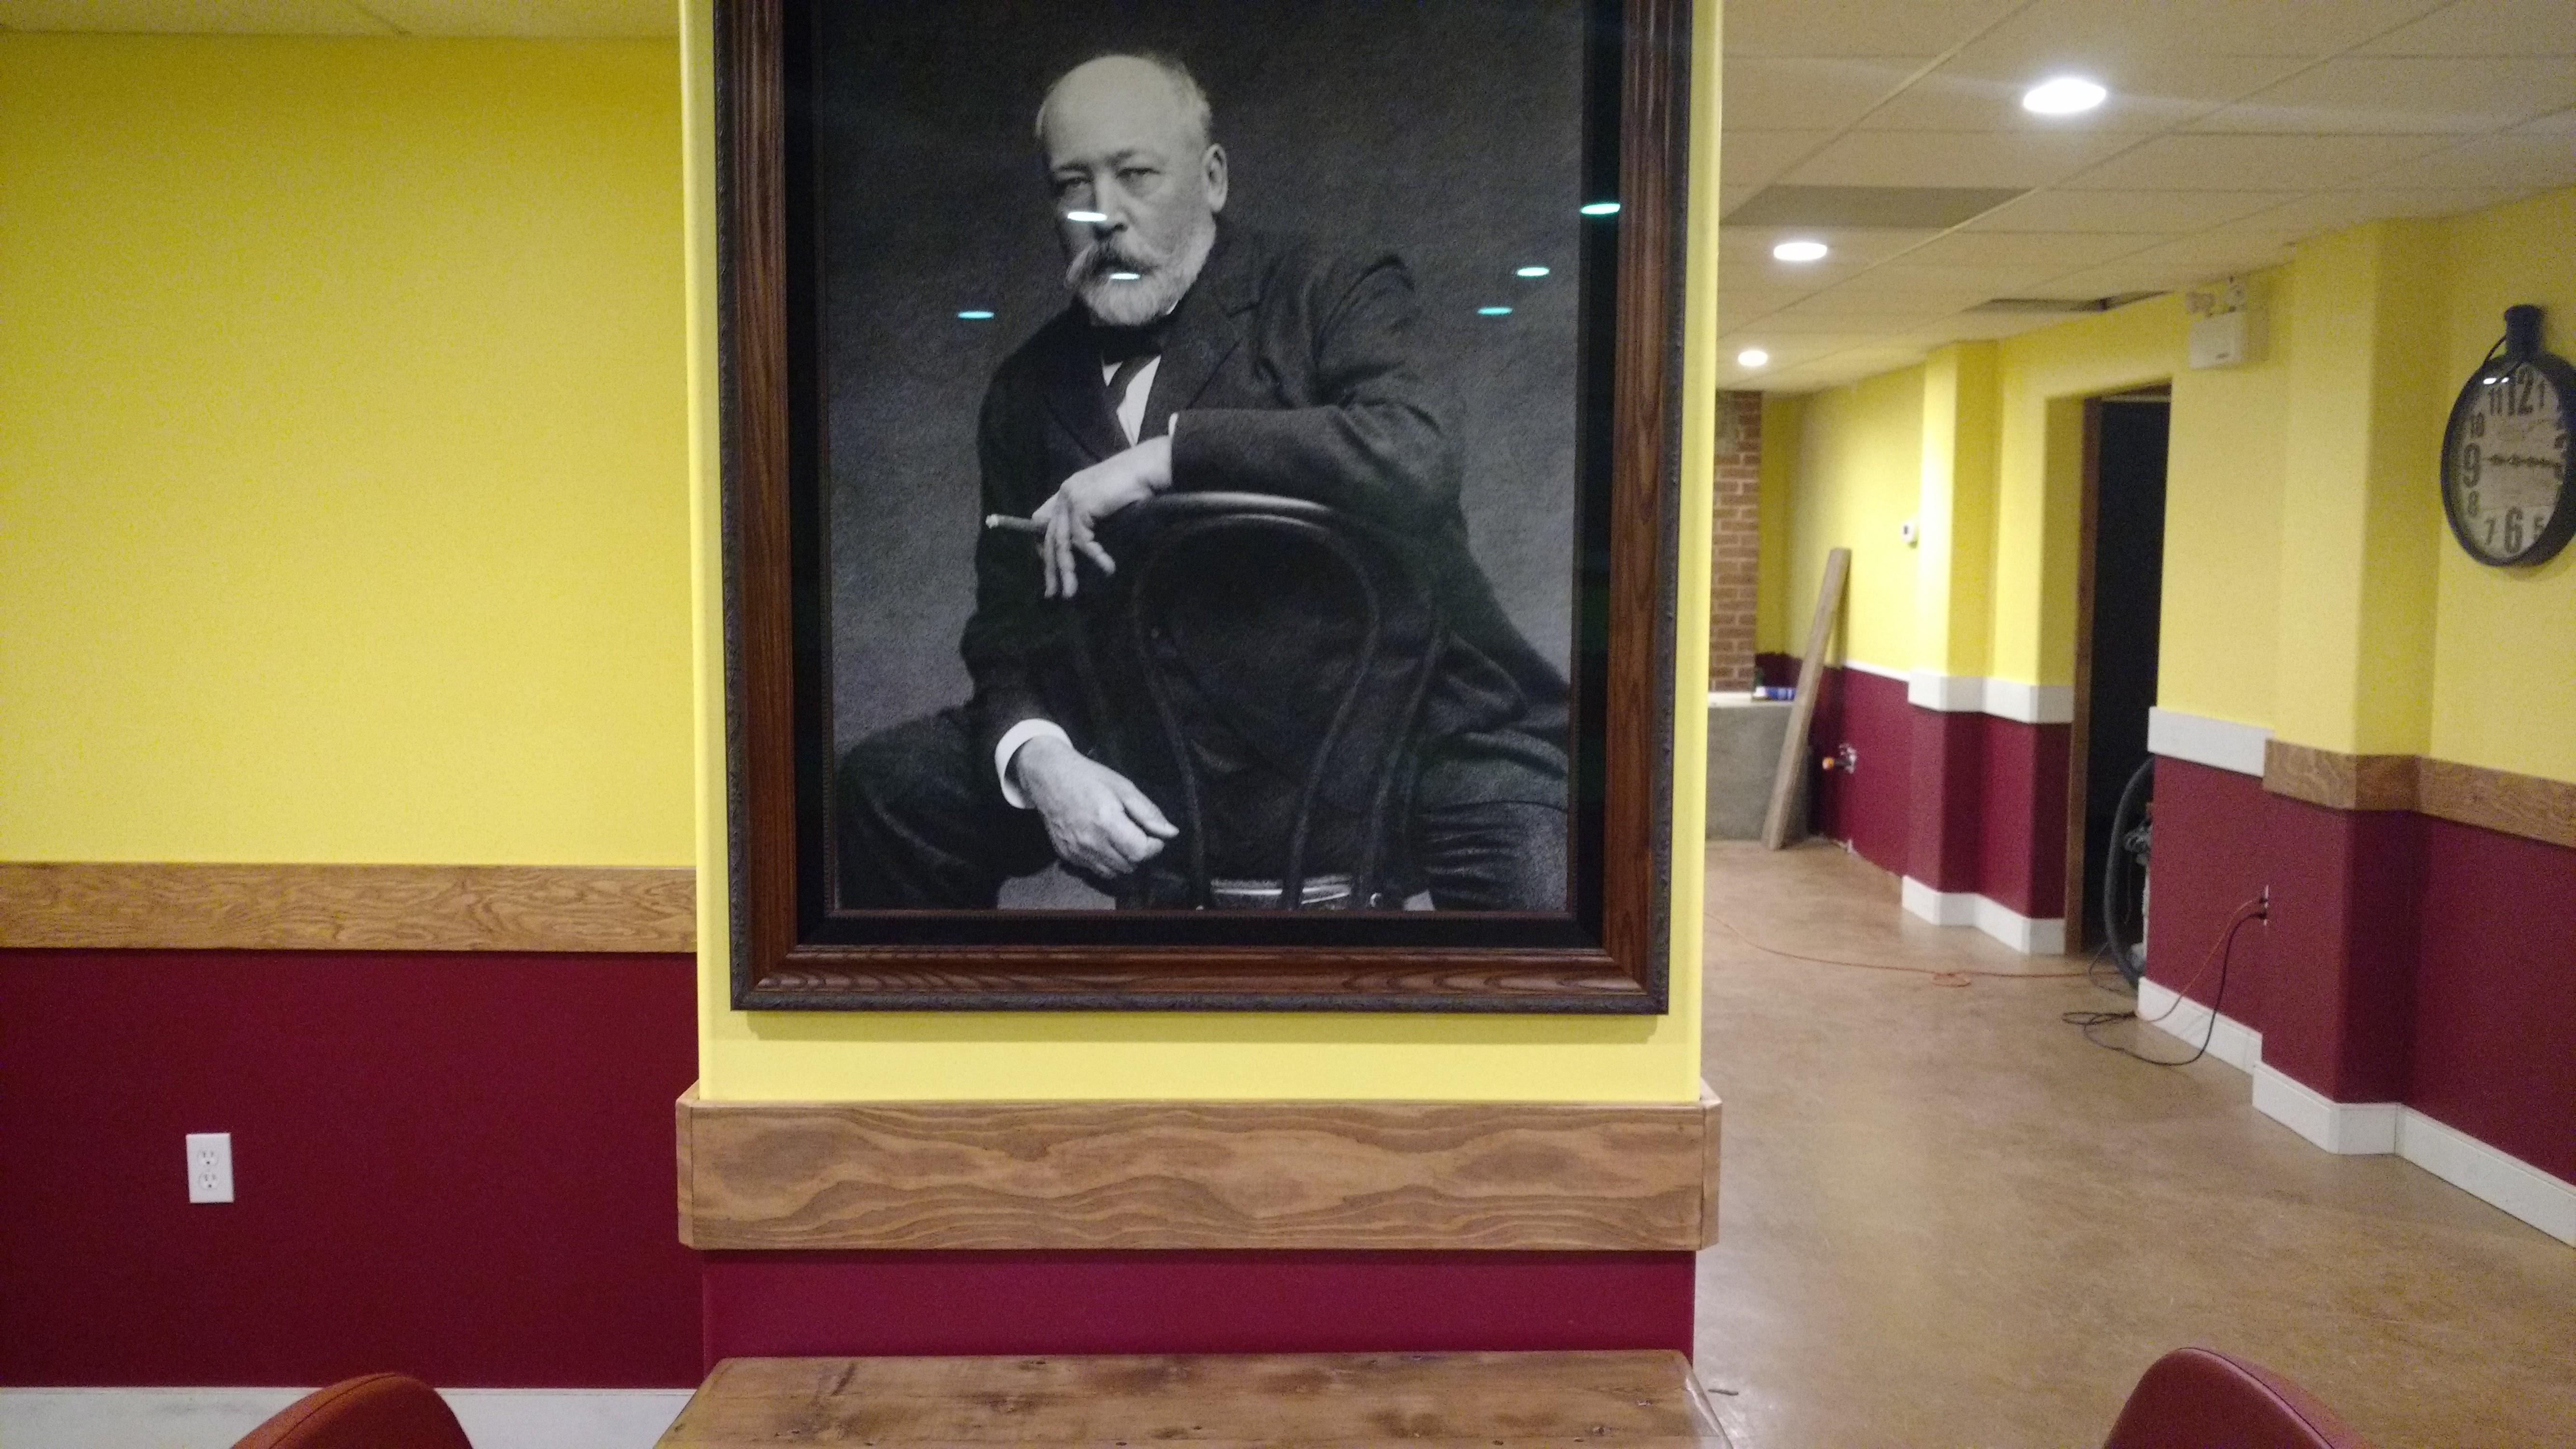 Sir William Cornelius Van Horne